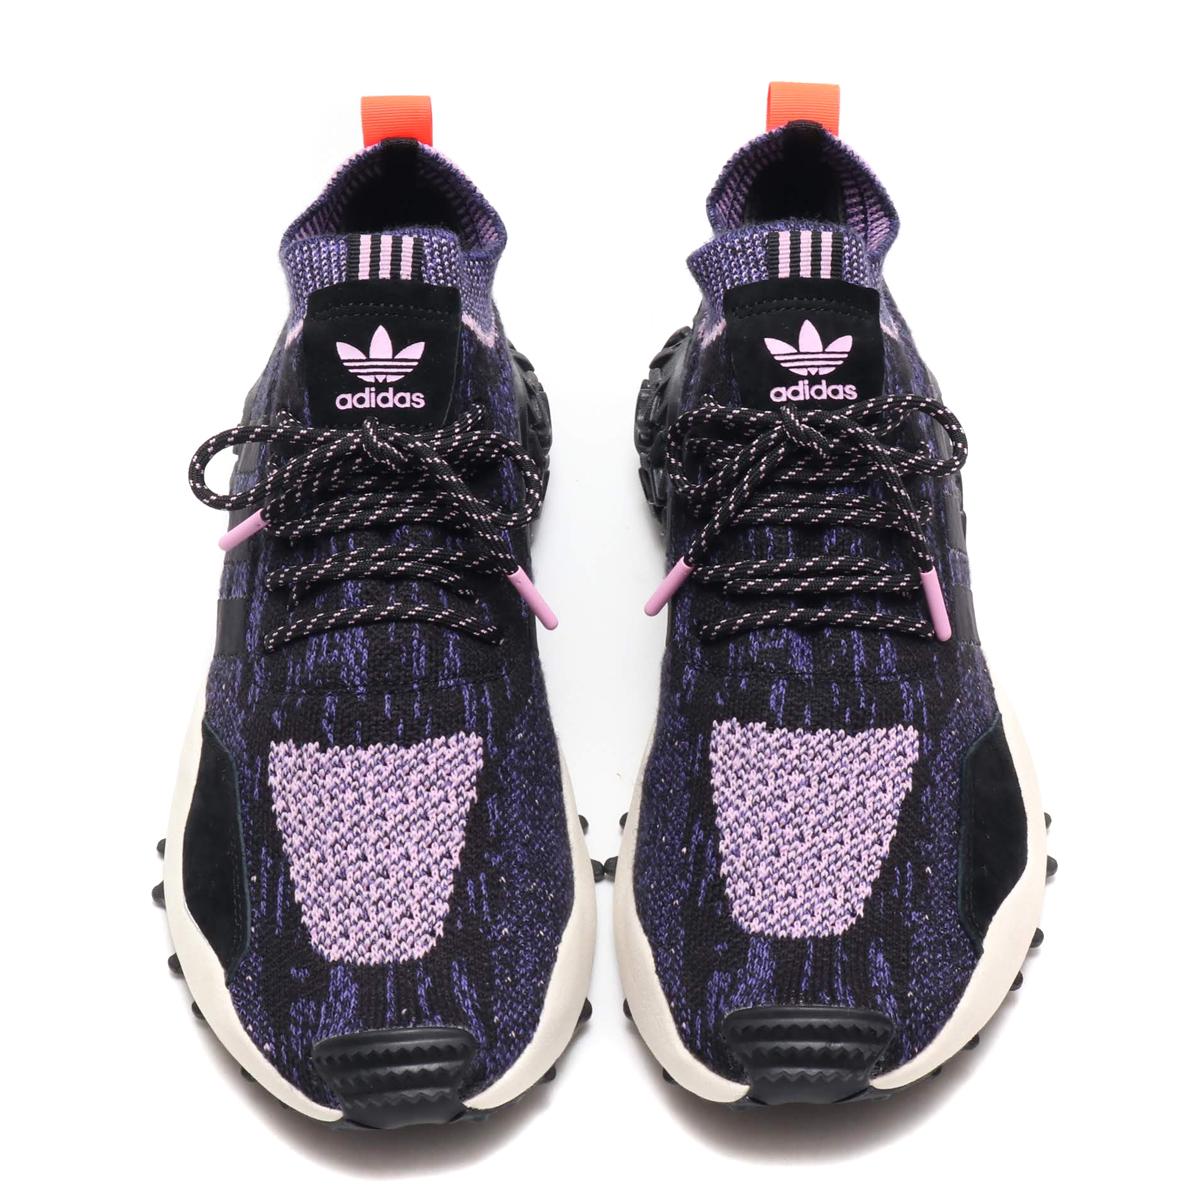 release date 8e962 63597 adidas Originals F 2 TR PK (Adidas originals F 2 TR PK) PURPLE CORE  BLACK CLOUD WHITE 18FW-I